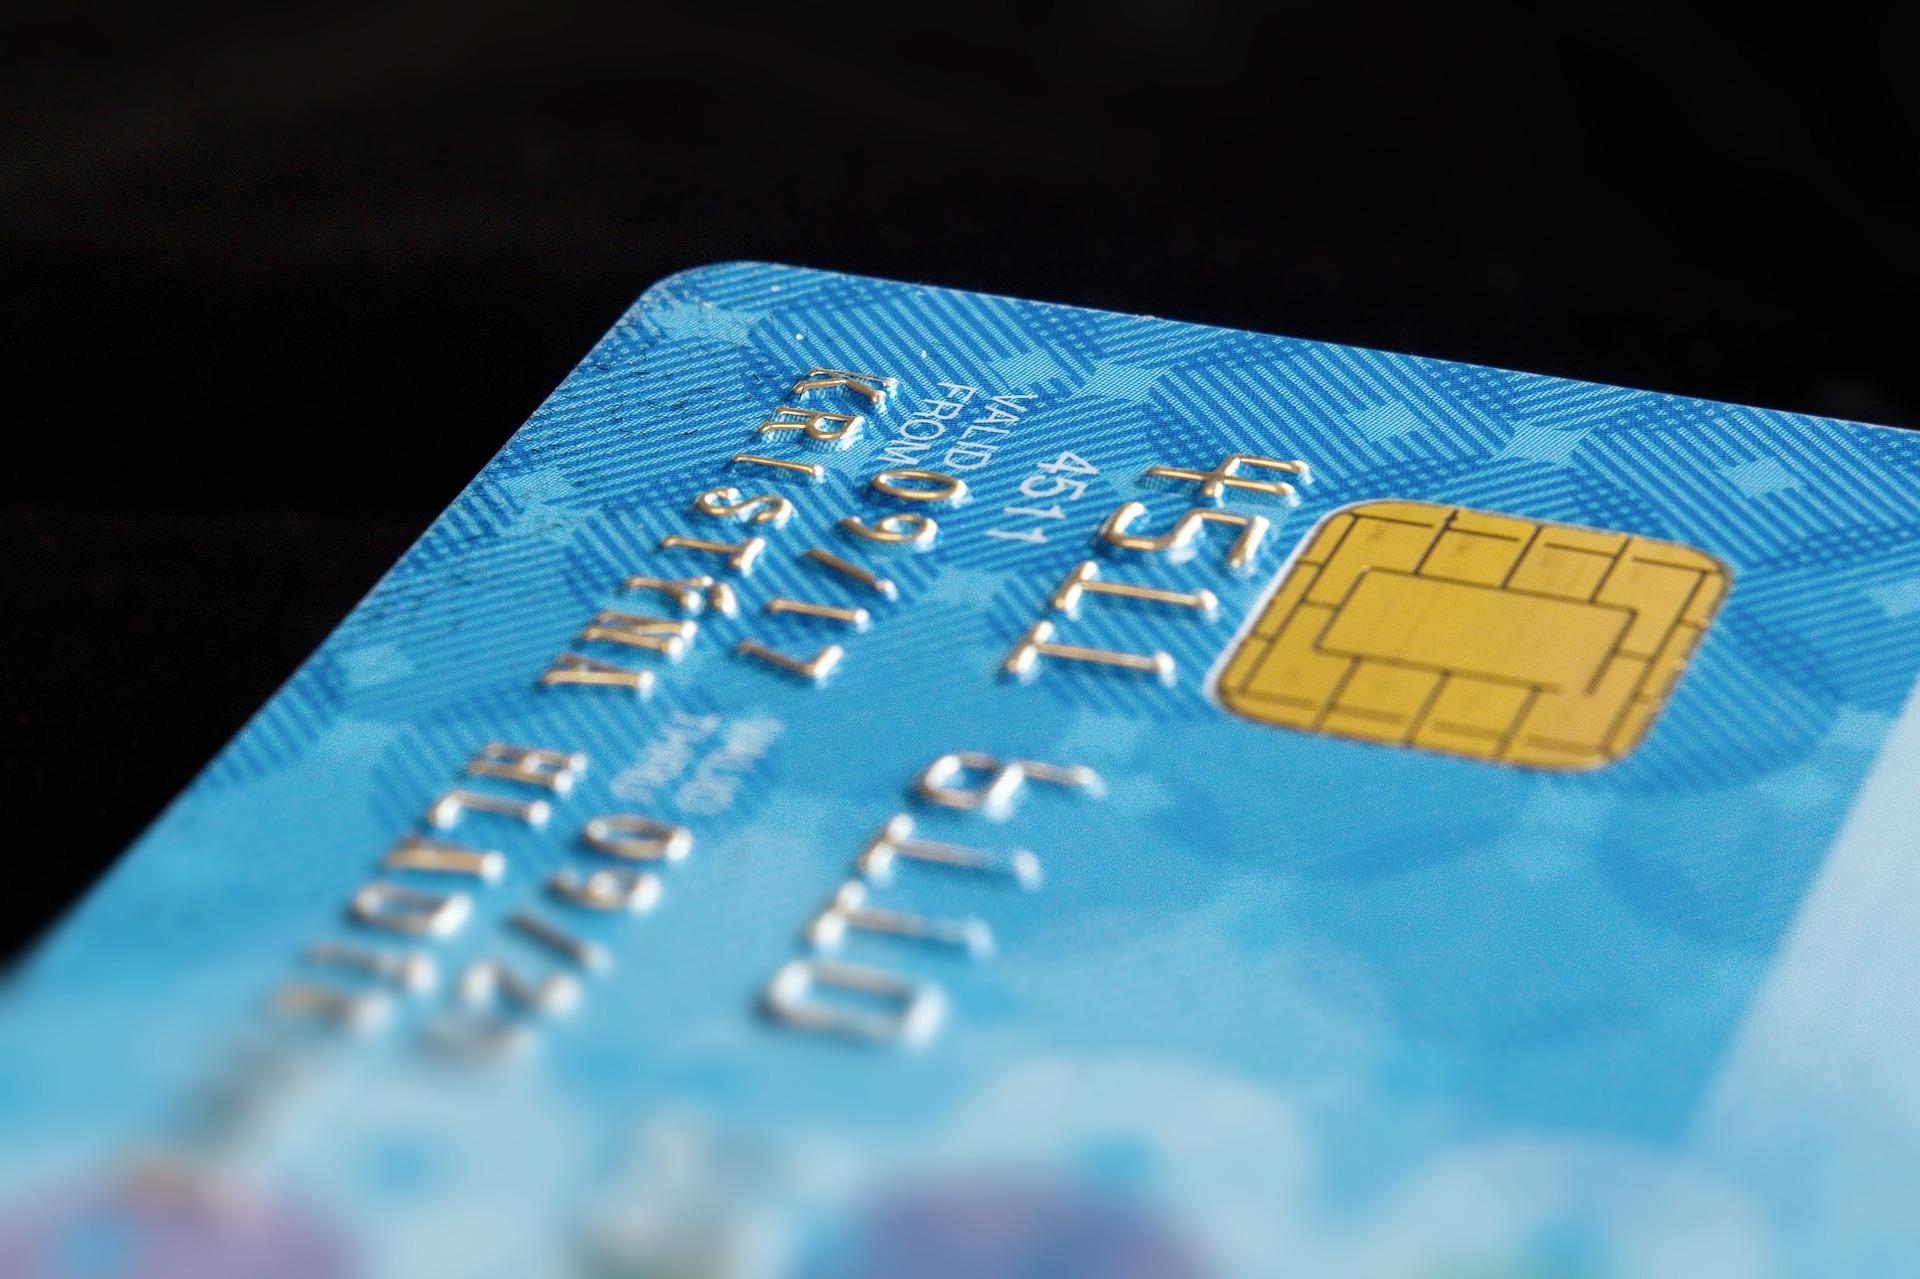 Detalhe de um cartão de crédito.